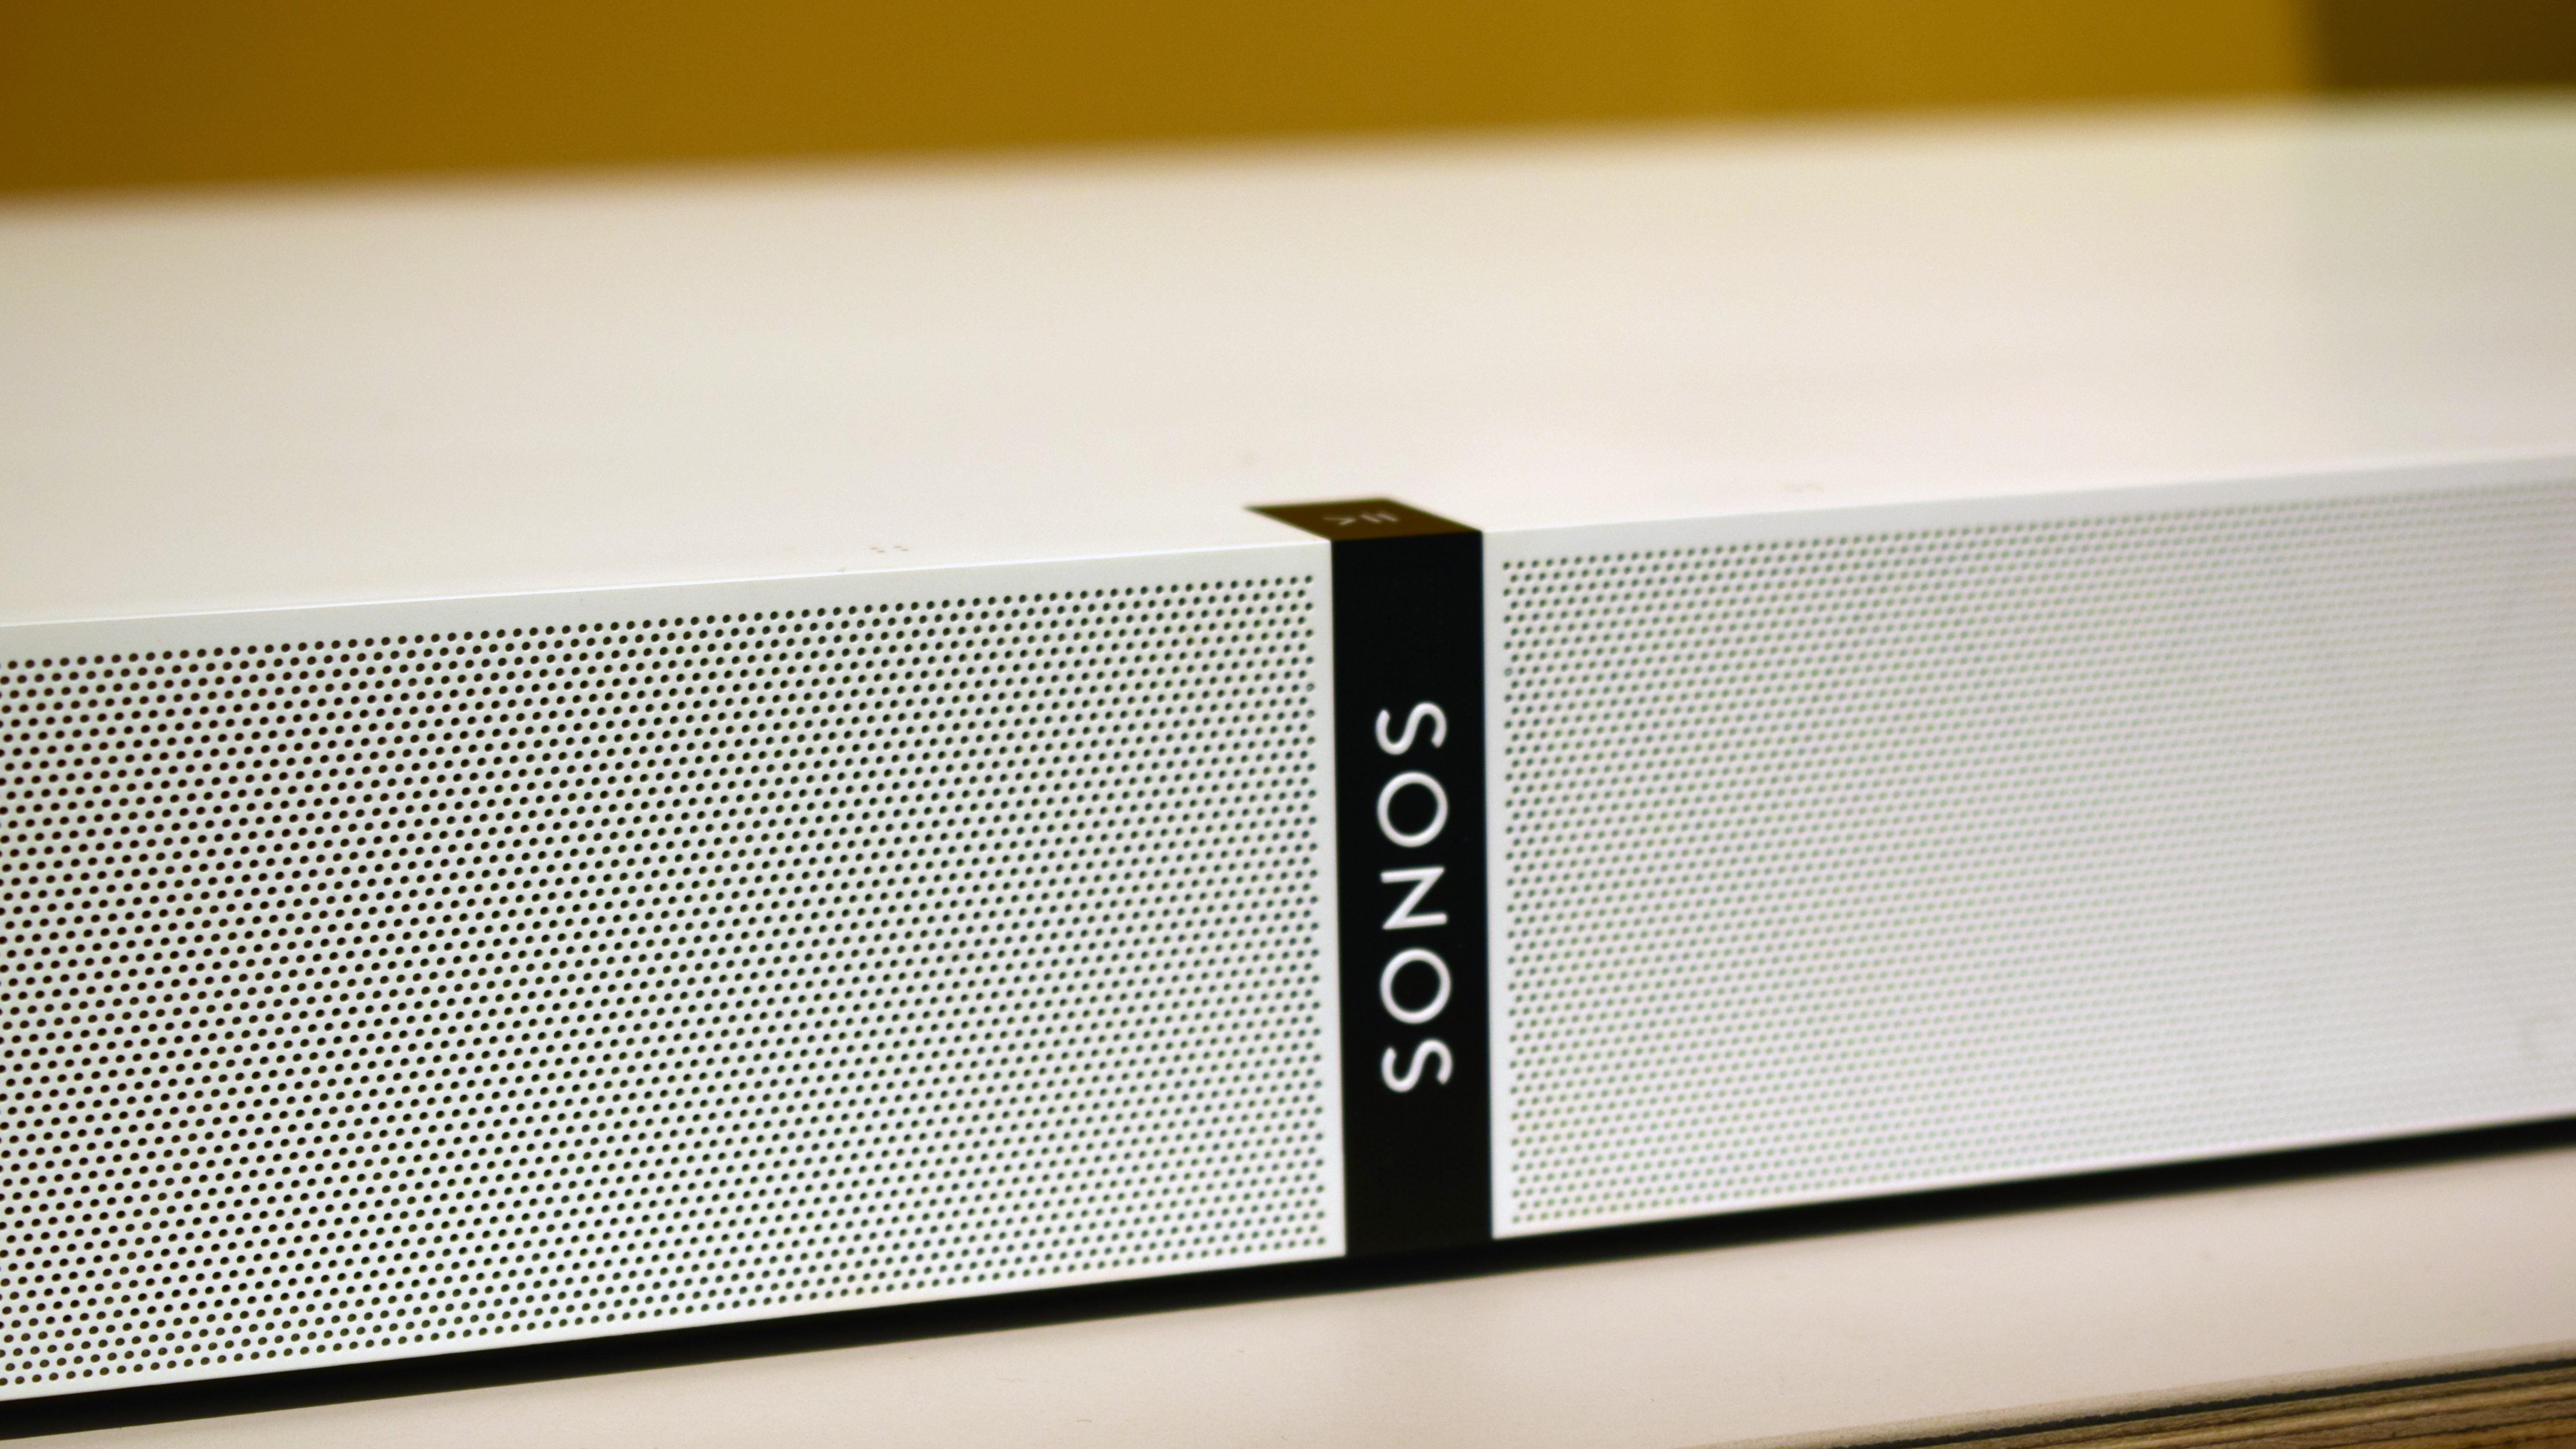 Sonos starter datainnsamling av bruksinformasjon.